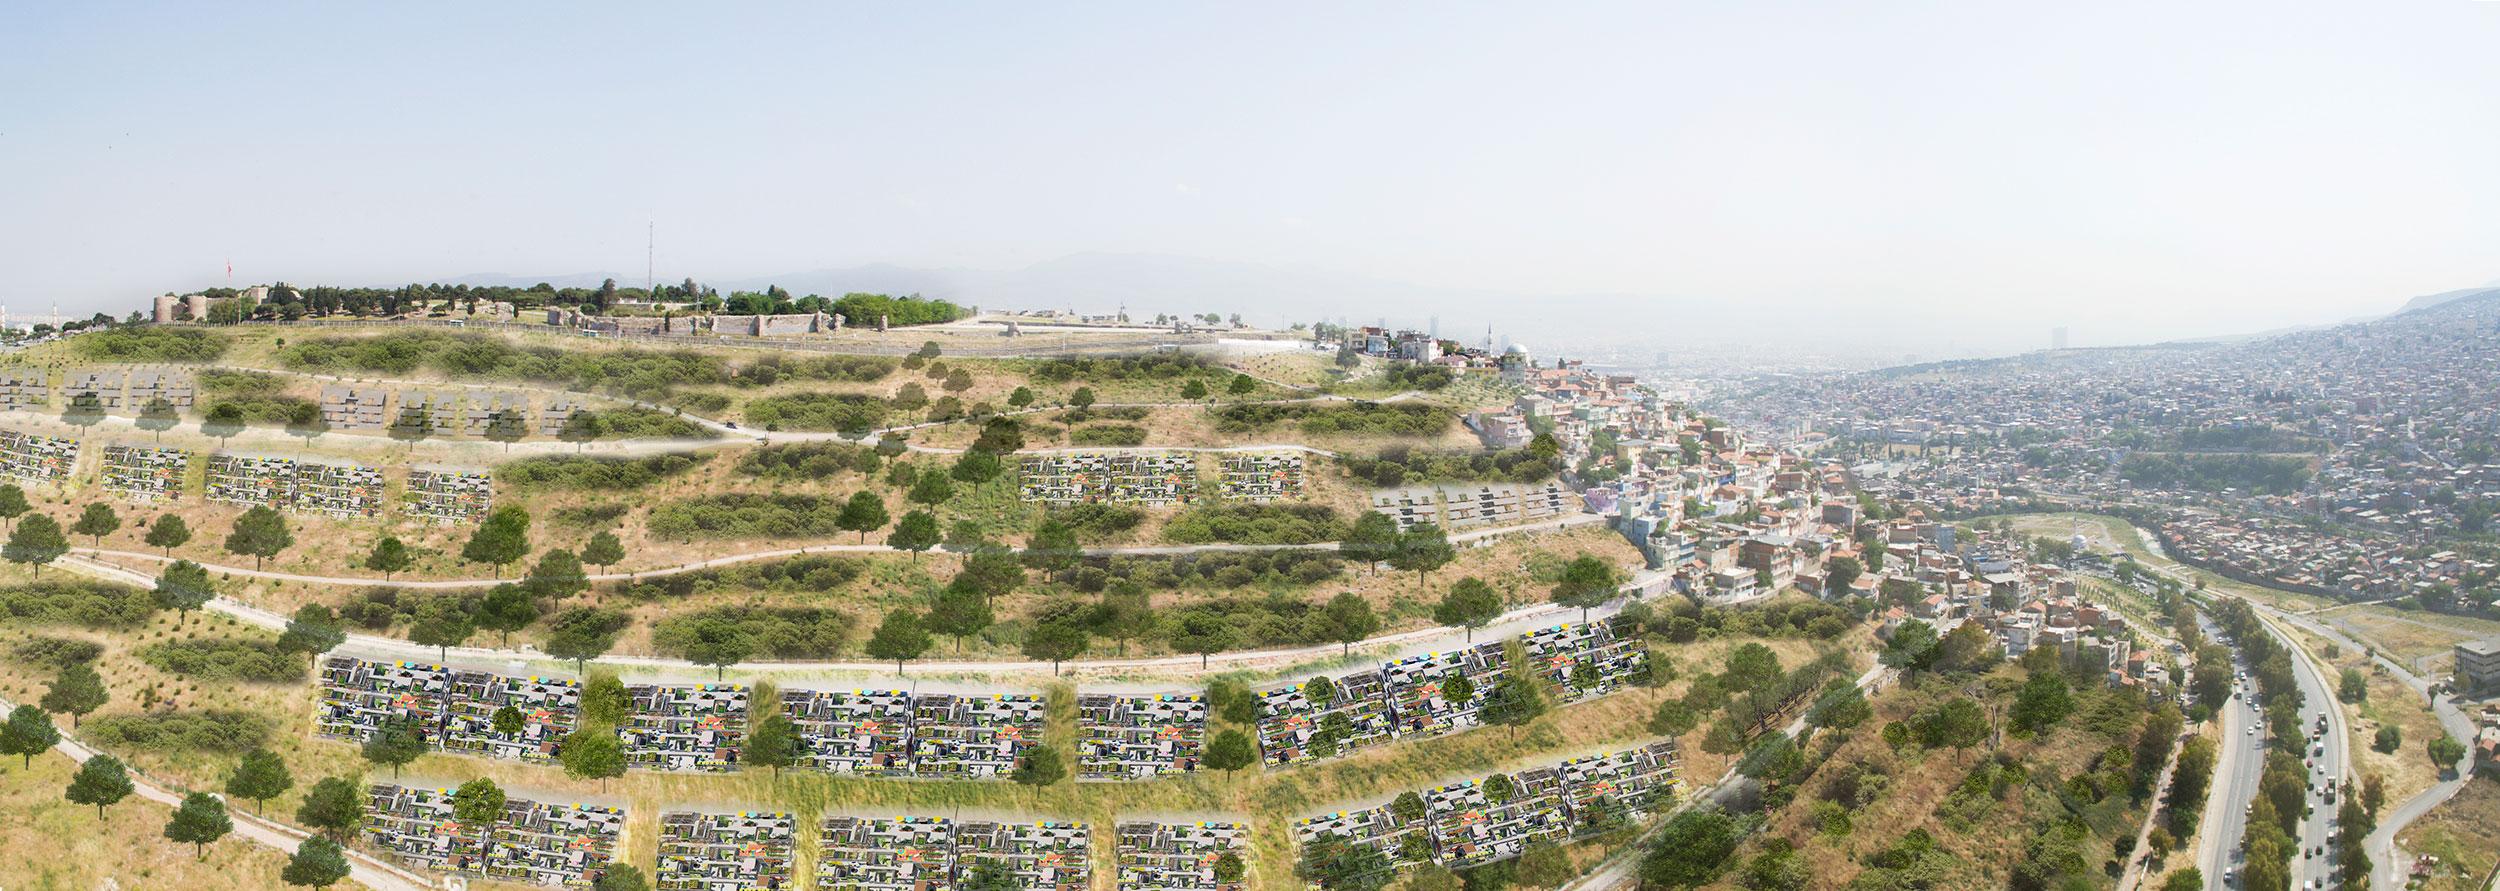 The growing neighbourhood of Kadifekale